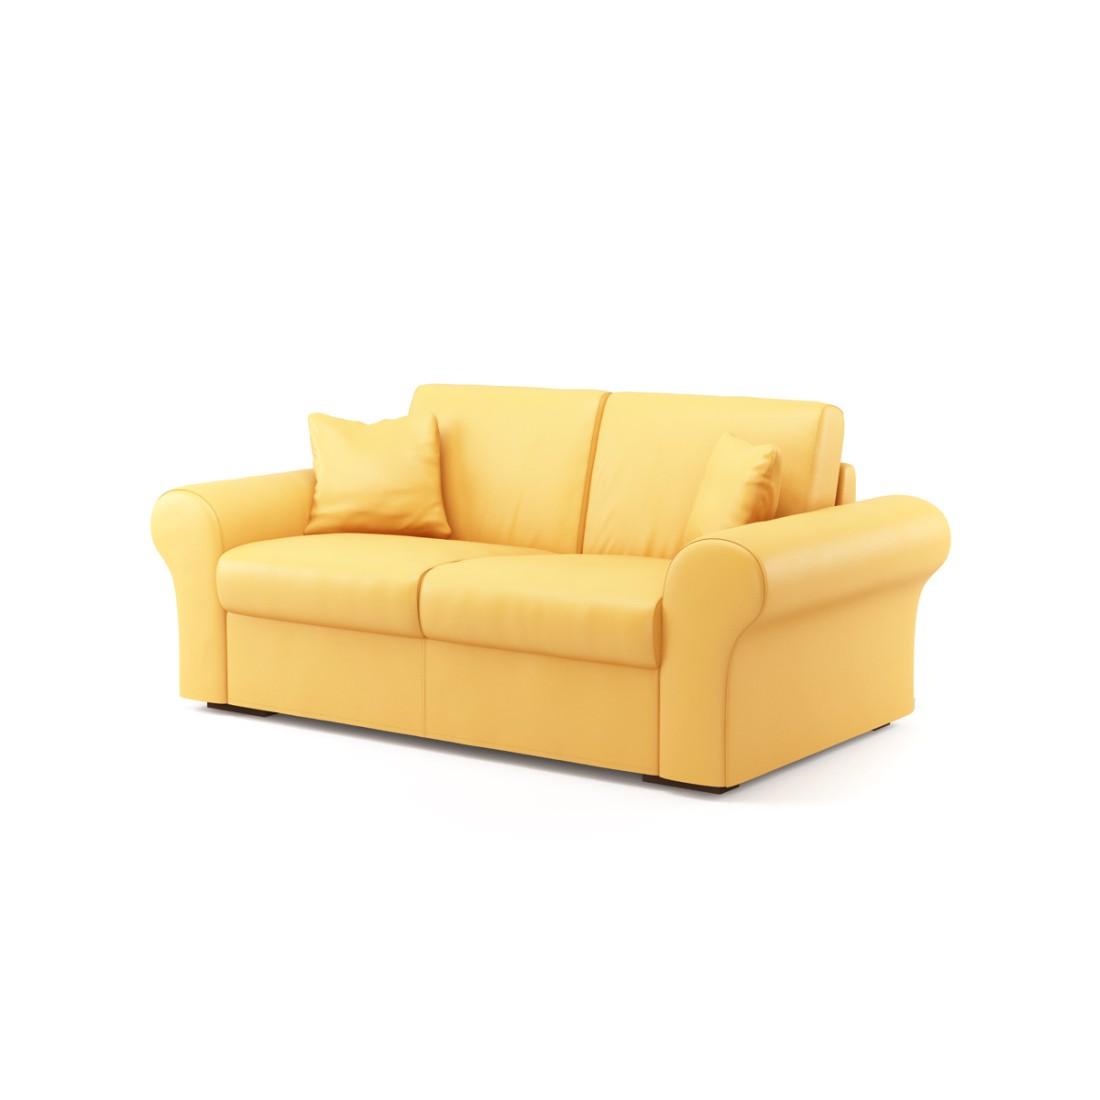 Schlafsofa Novo (2-Sitzer) – Soft 1406 (Gelb), Von Wilmowsky günstig online kaufen